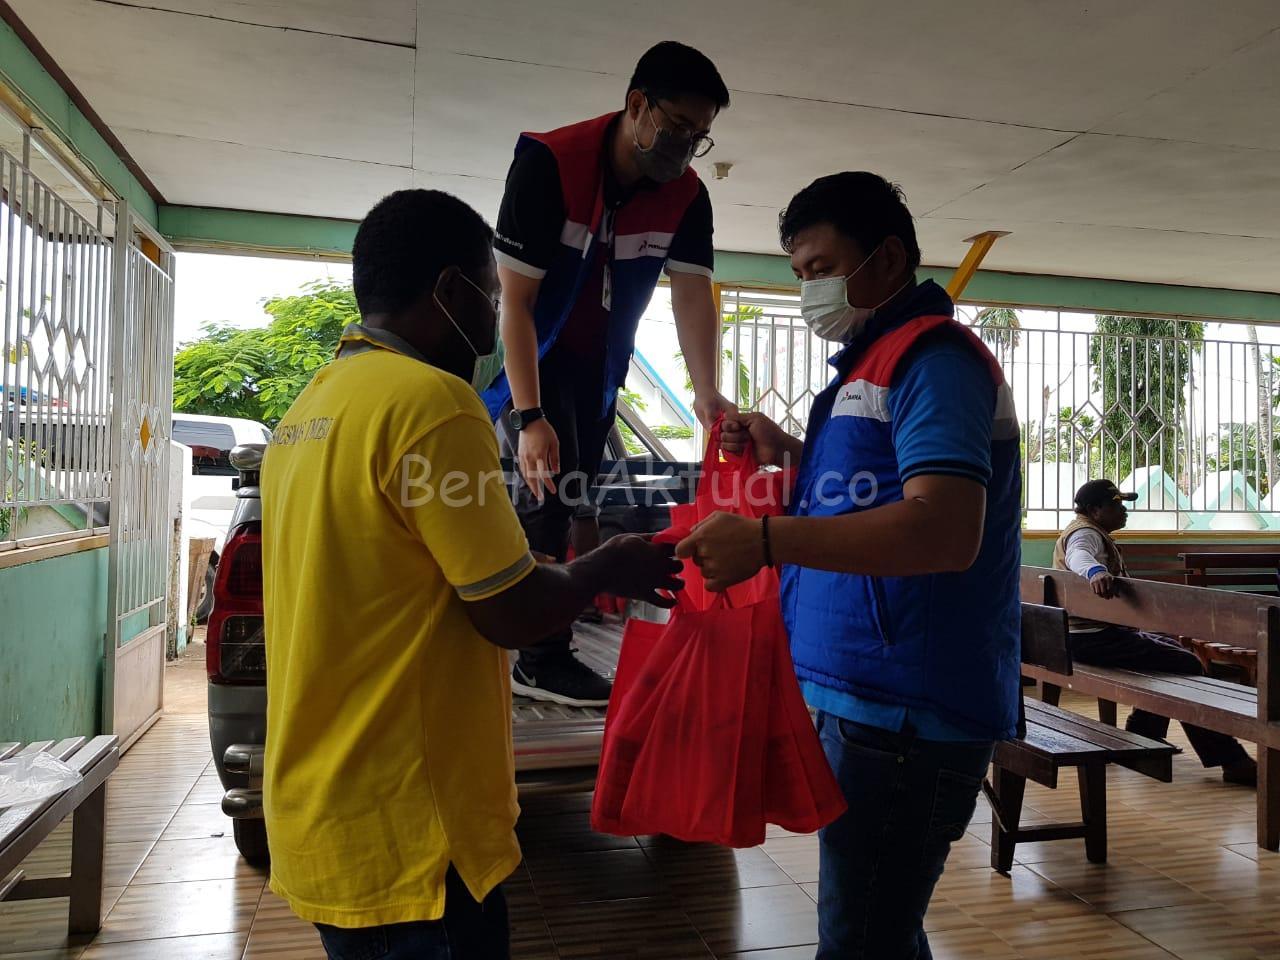 Peduli Cegah Corona, Pertamina Serahkan 200 Paket Bantuan di Puskesmas Imbi Jayapura 2 IMG 20200320 WA0116